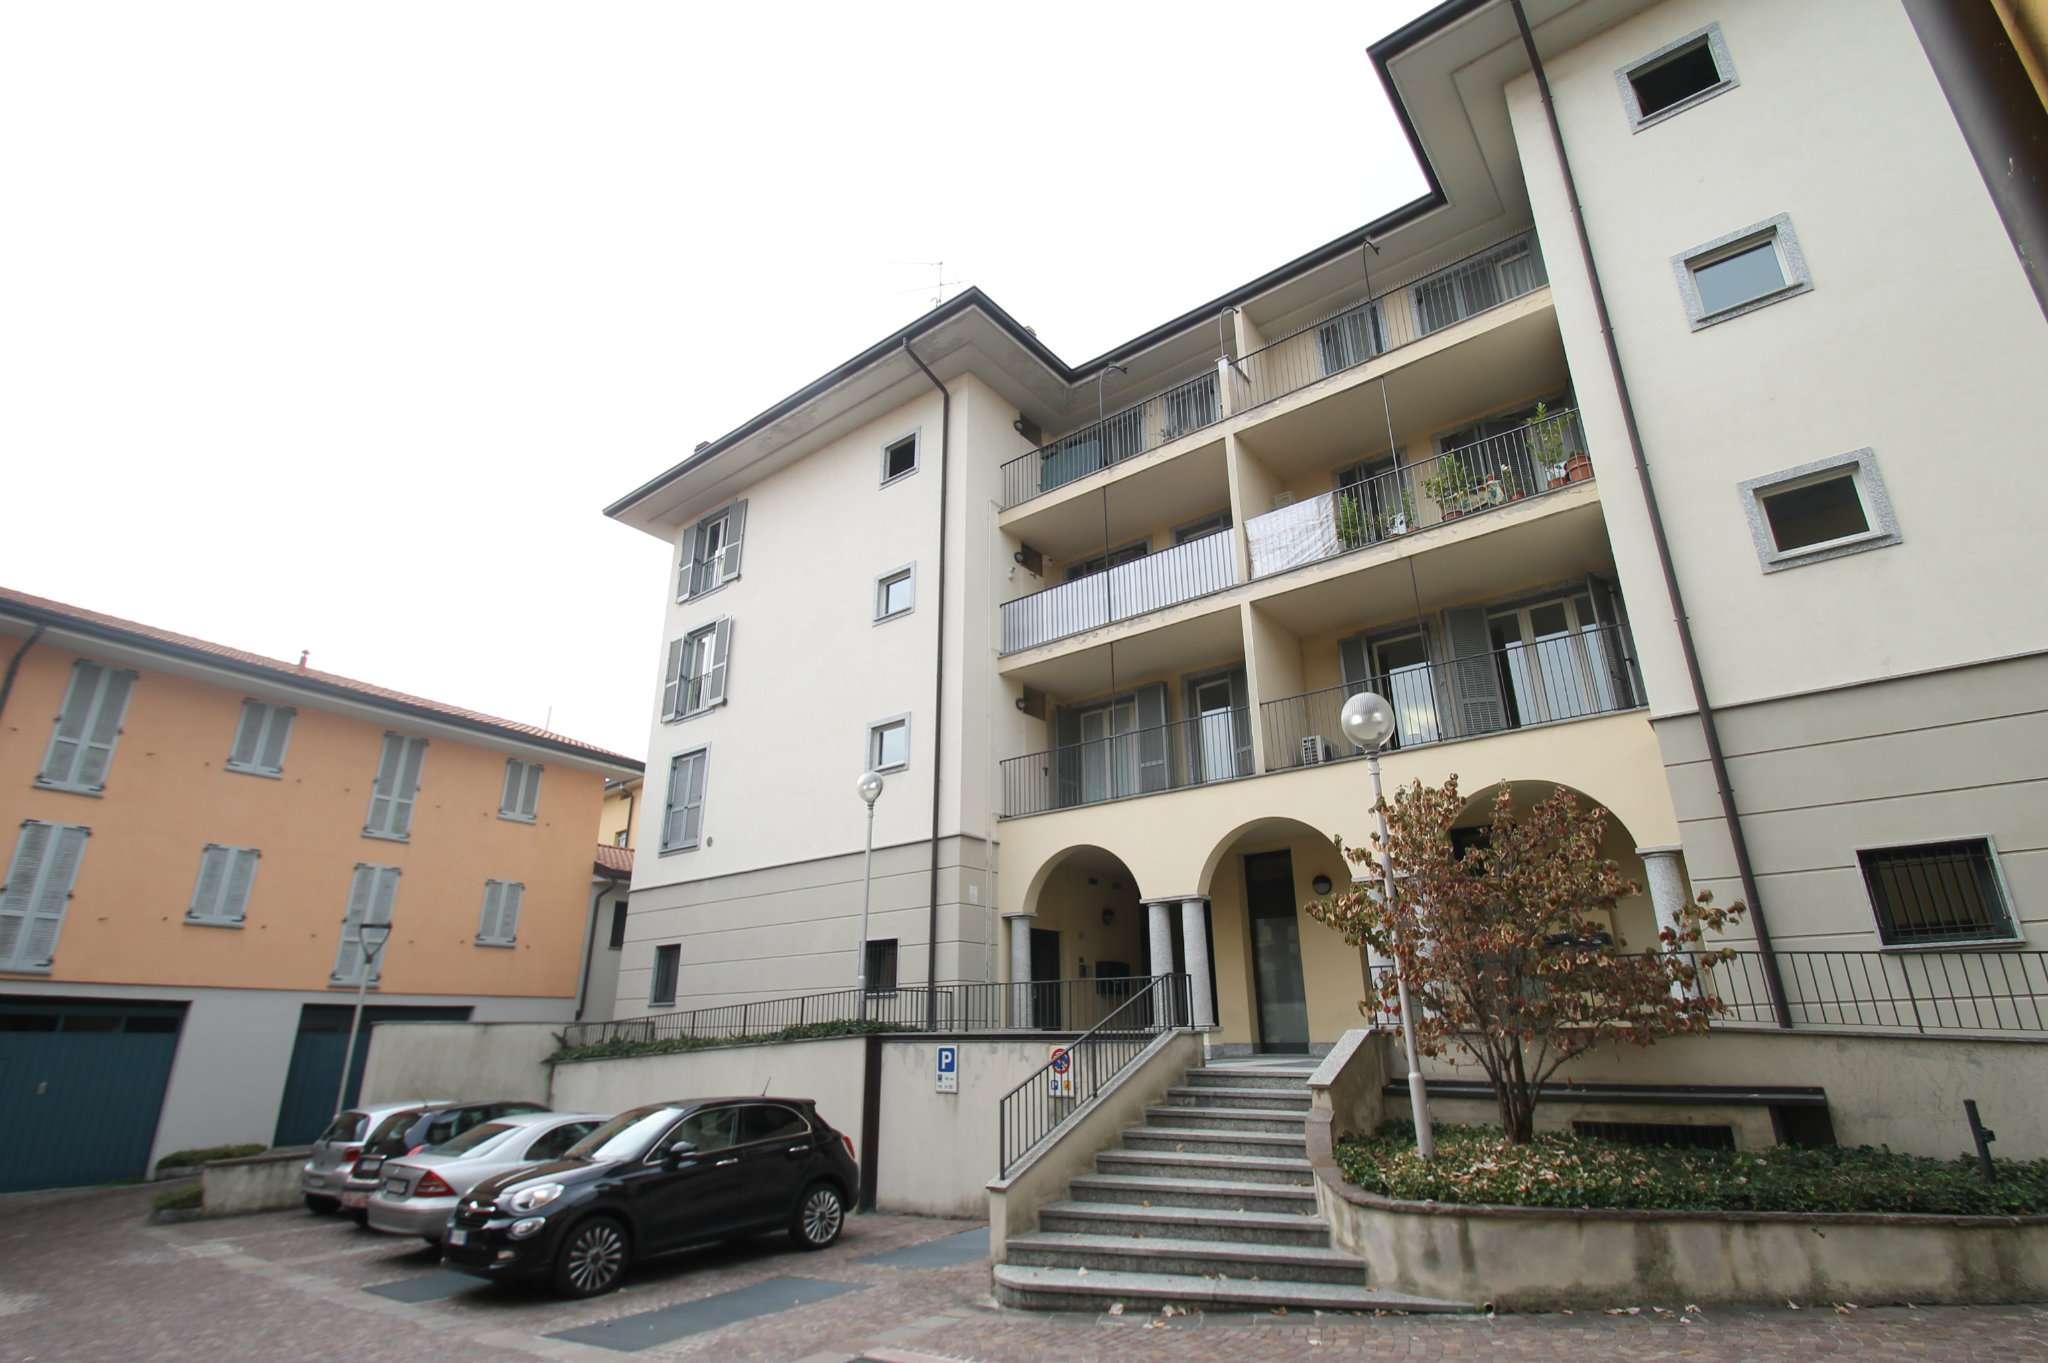 Grazioso appartamento trilocale in vendita a Bulciago